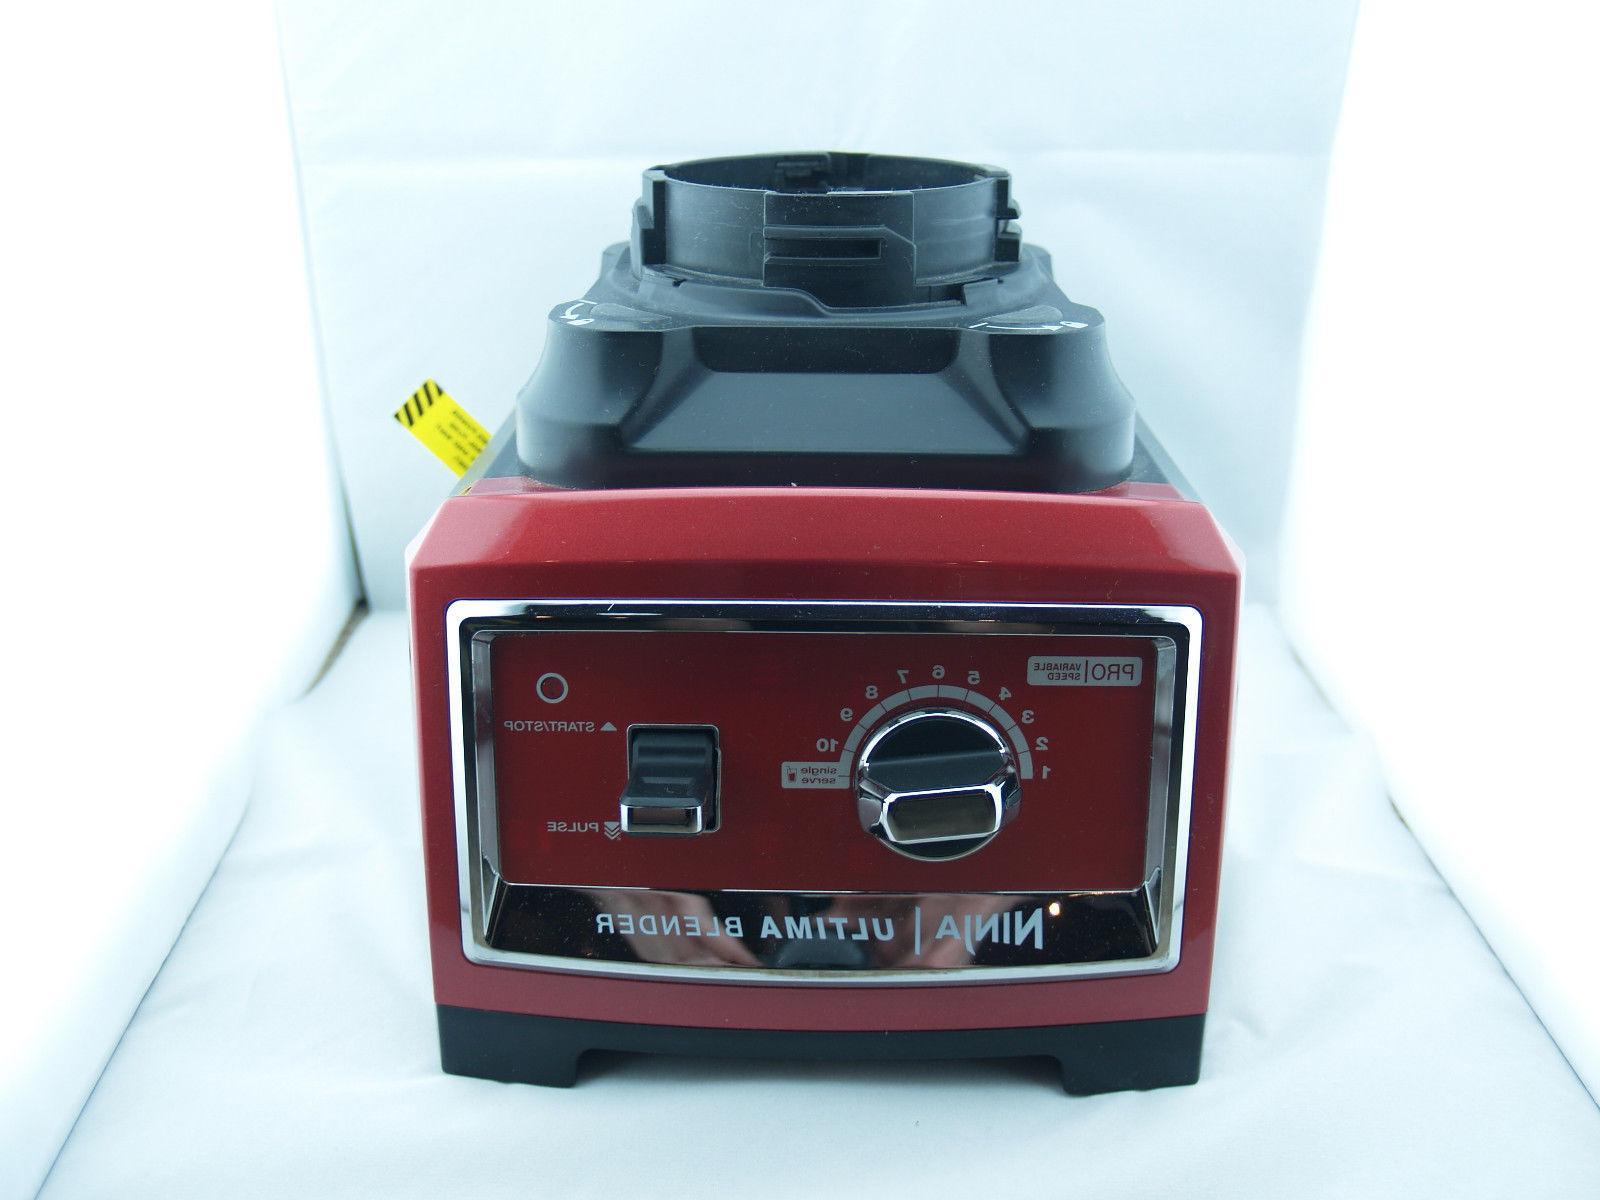 Ninja Blender Motor Ultima BL810 - 2.5HP 1500 Watt Power Bas